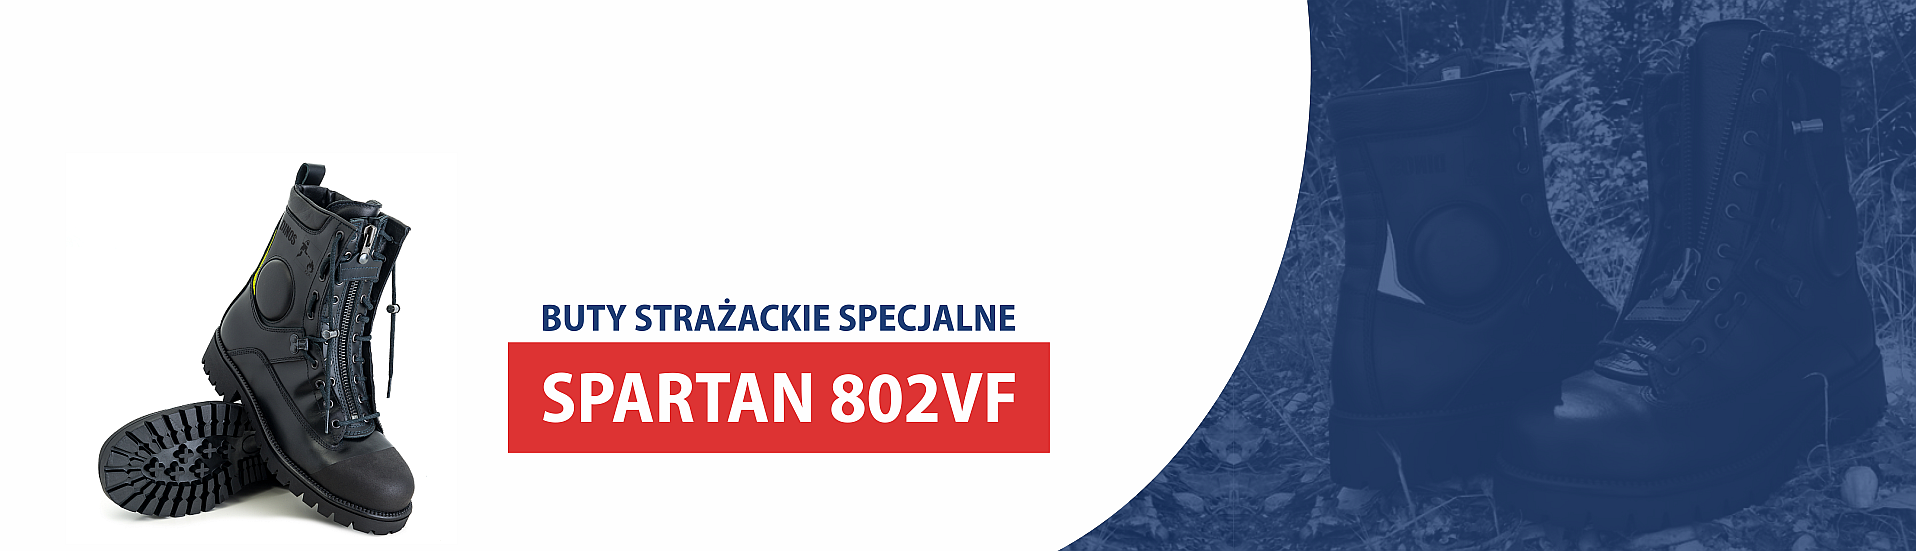 spartan_802vf_4